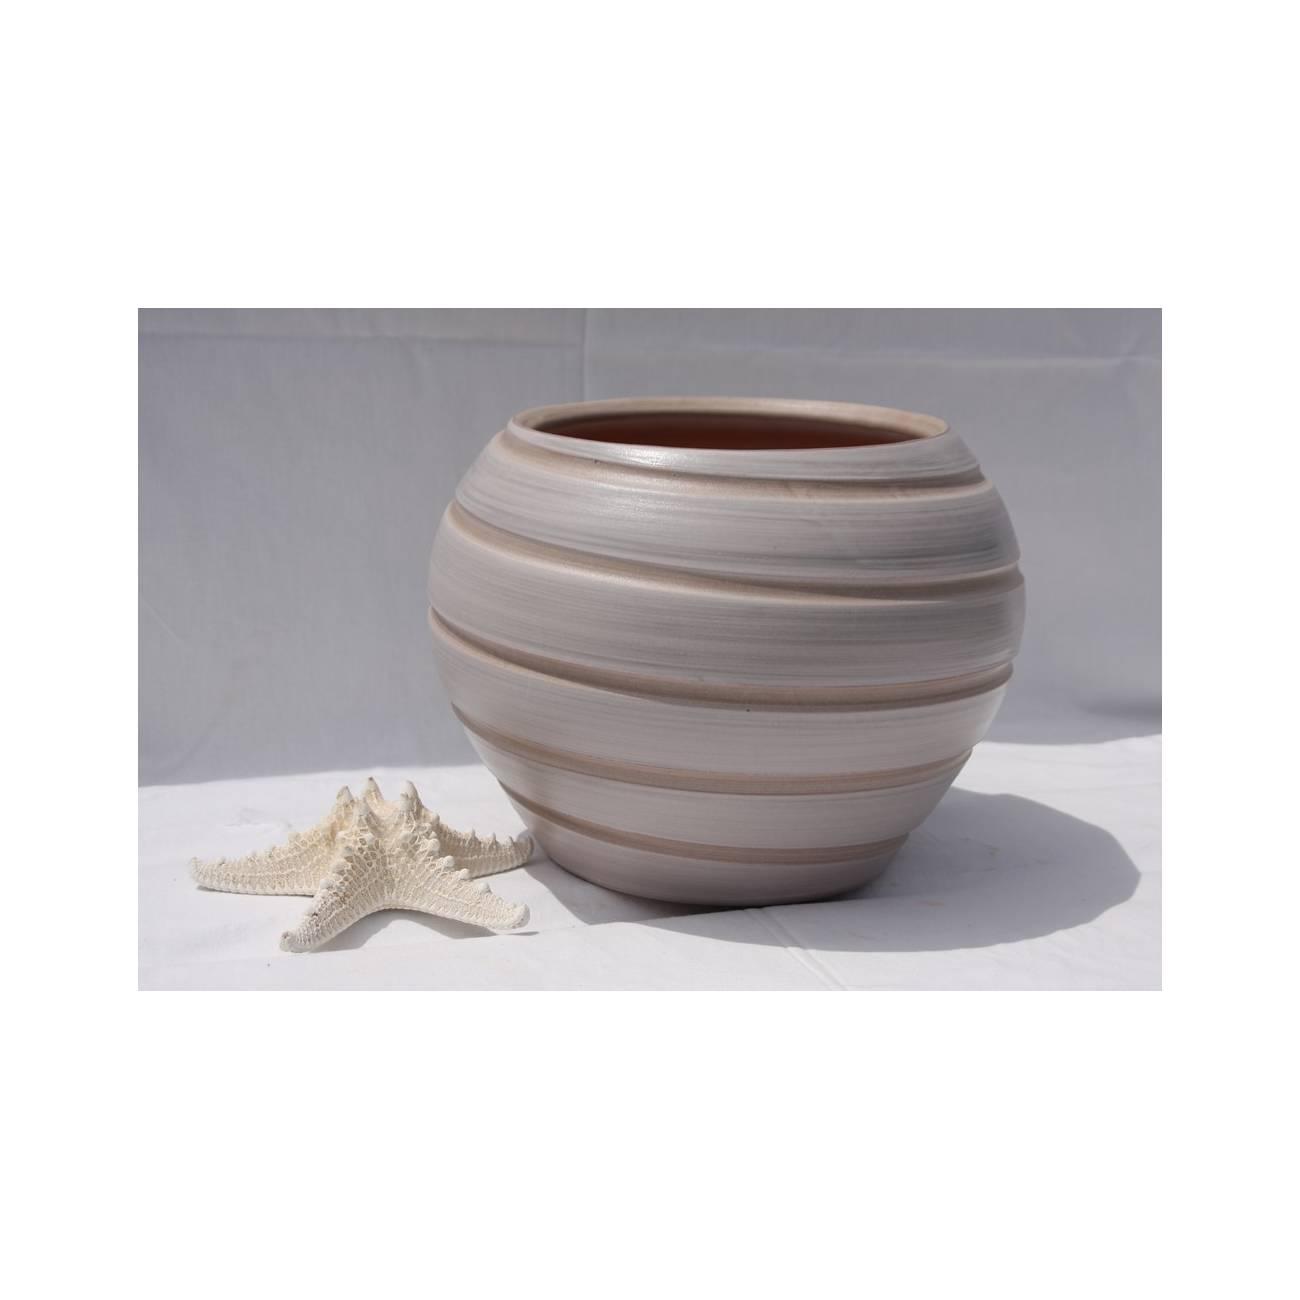 les maldives bois flott poterie grise les poteries d 39 albi. Black Bedroom Furniture Sets. Home Design Ideas